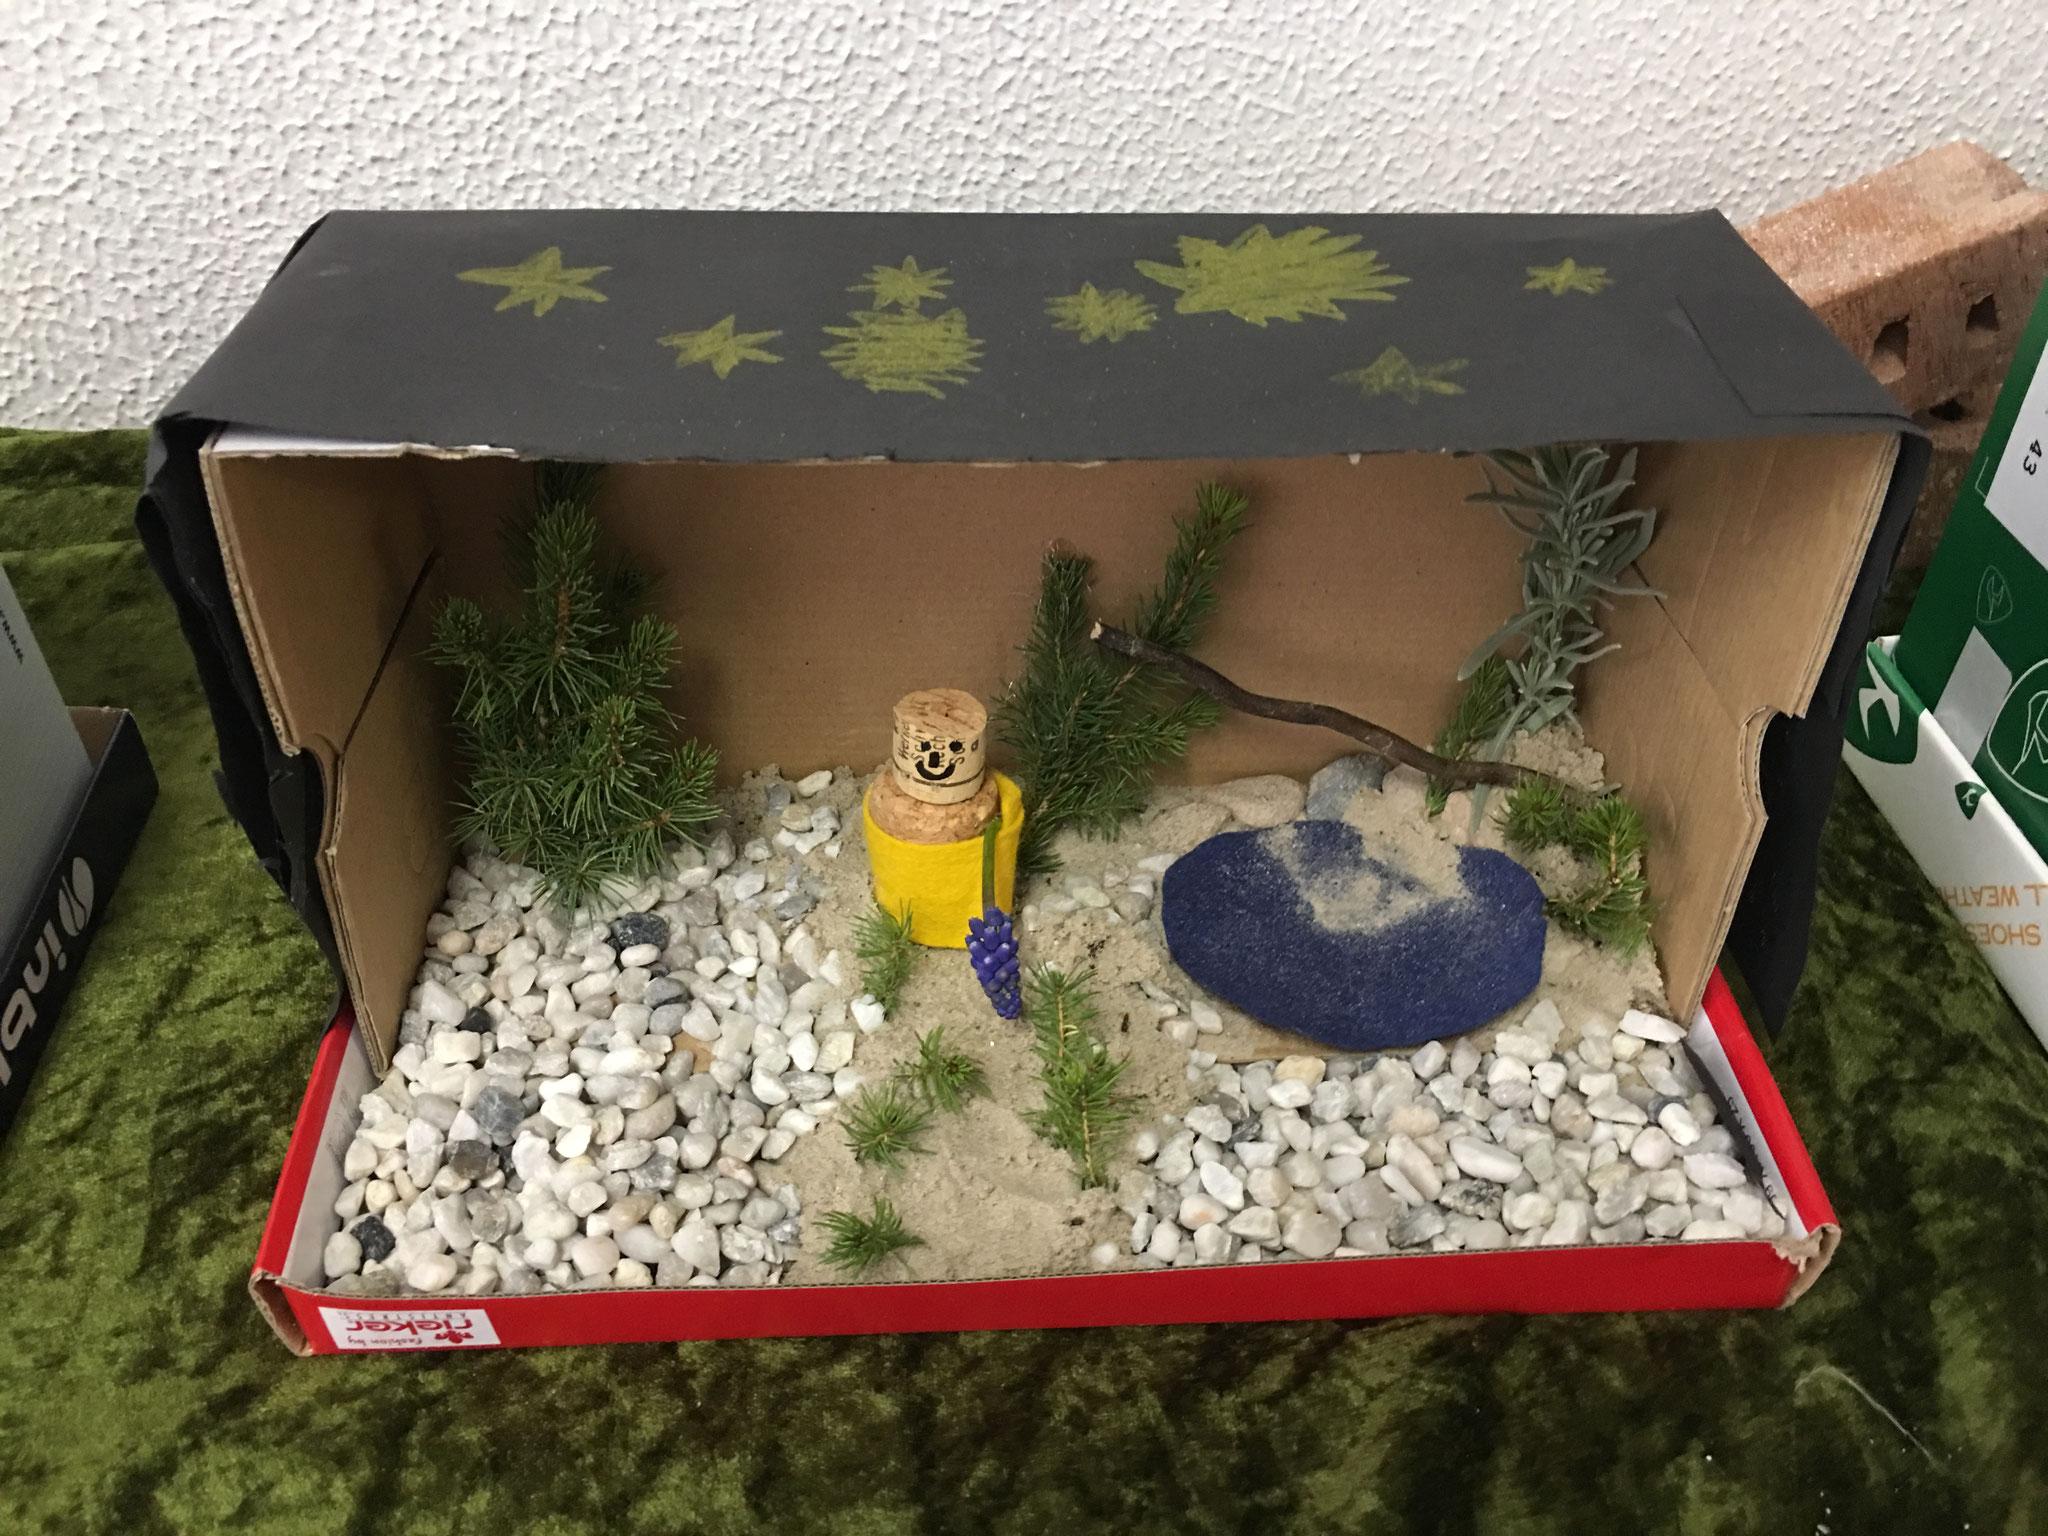 Jesus geht in den Garten, um zu beten